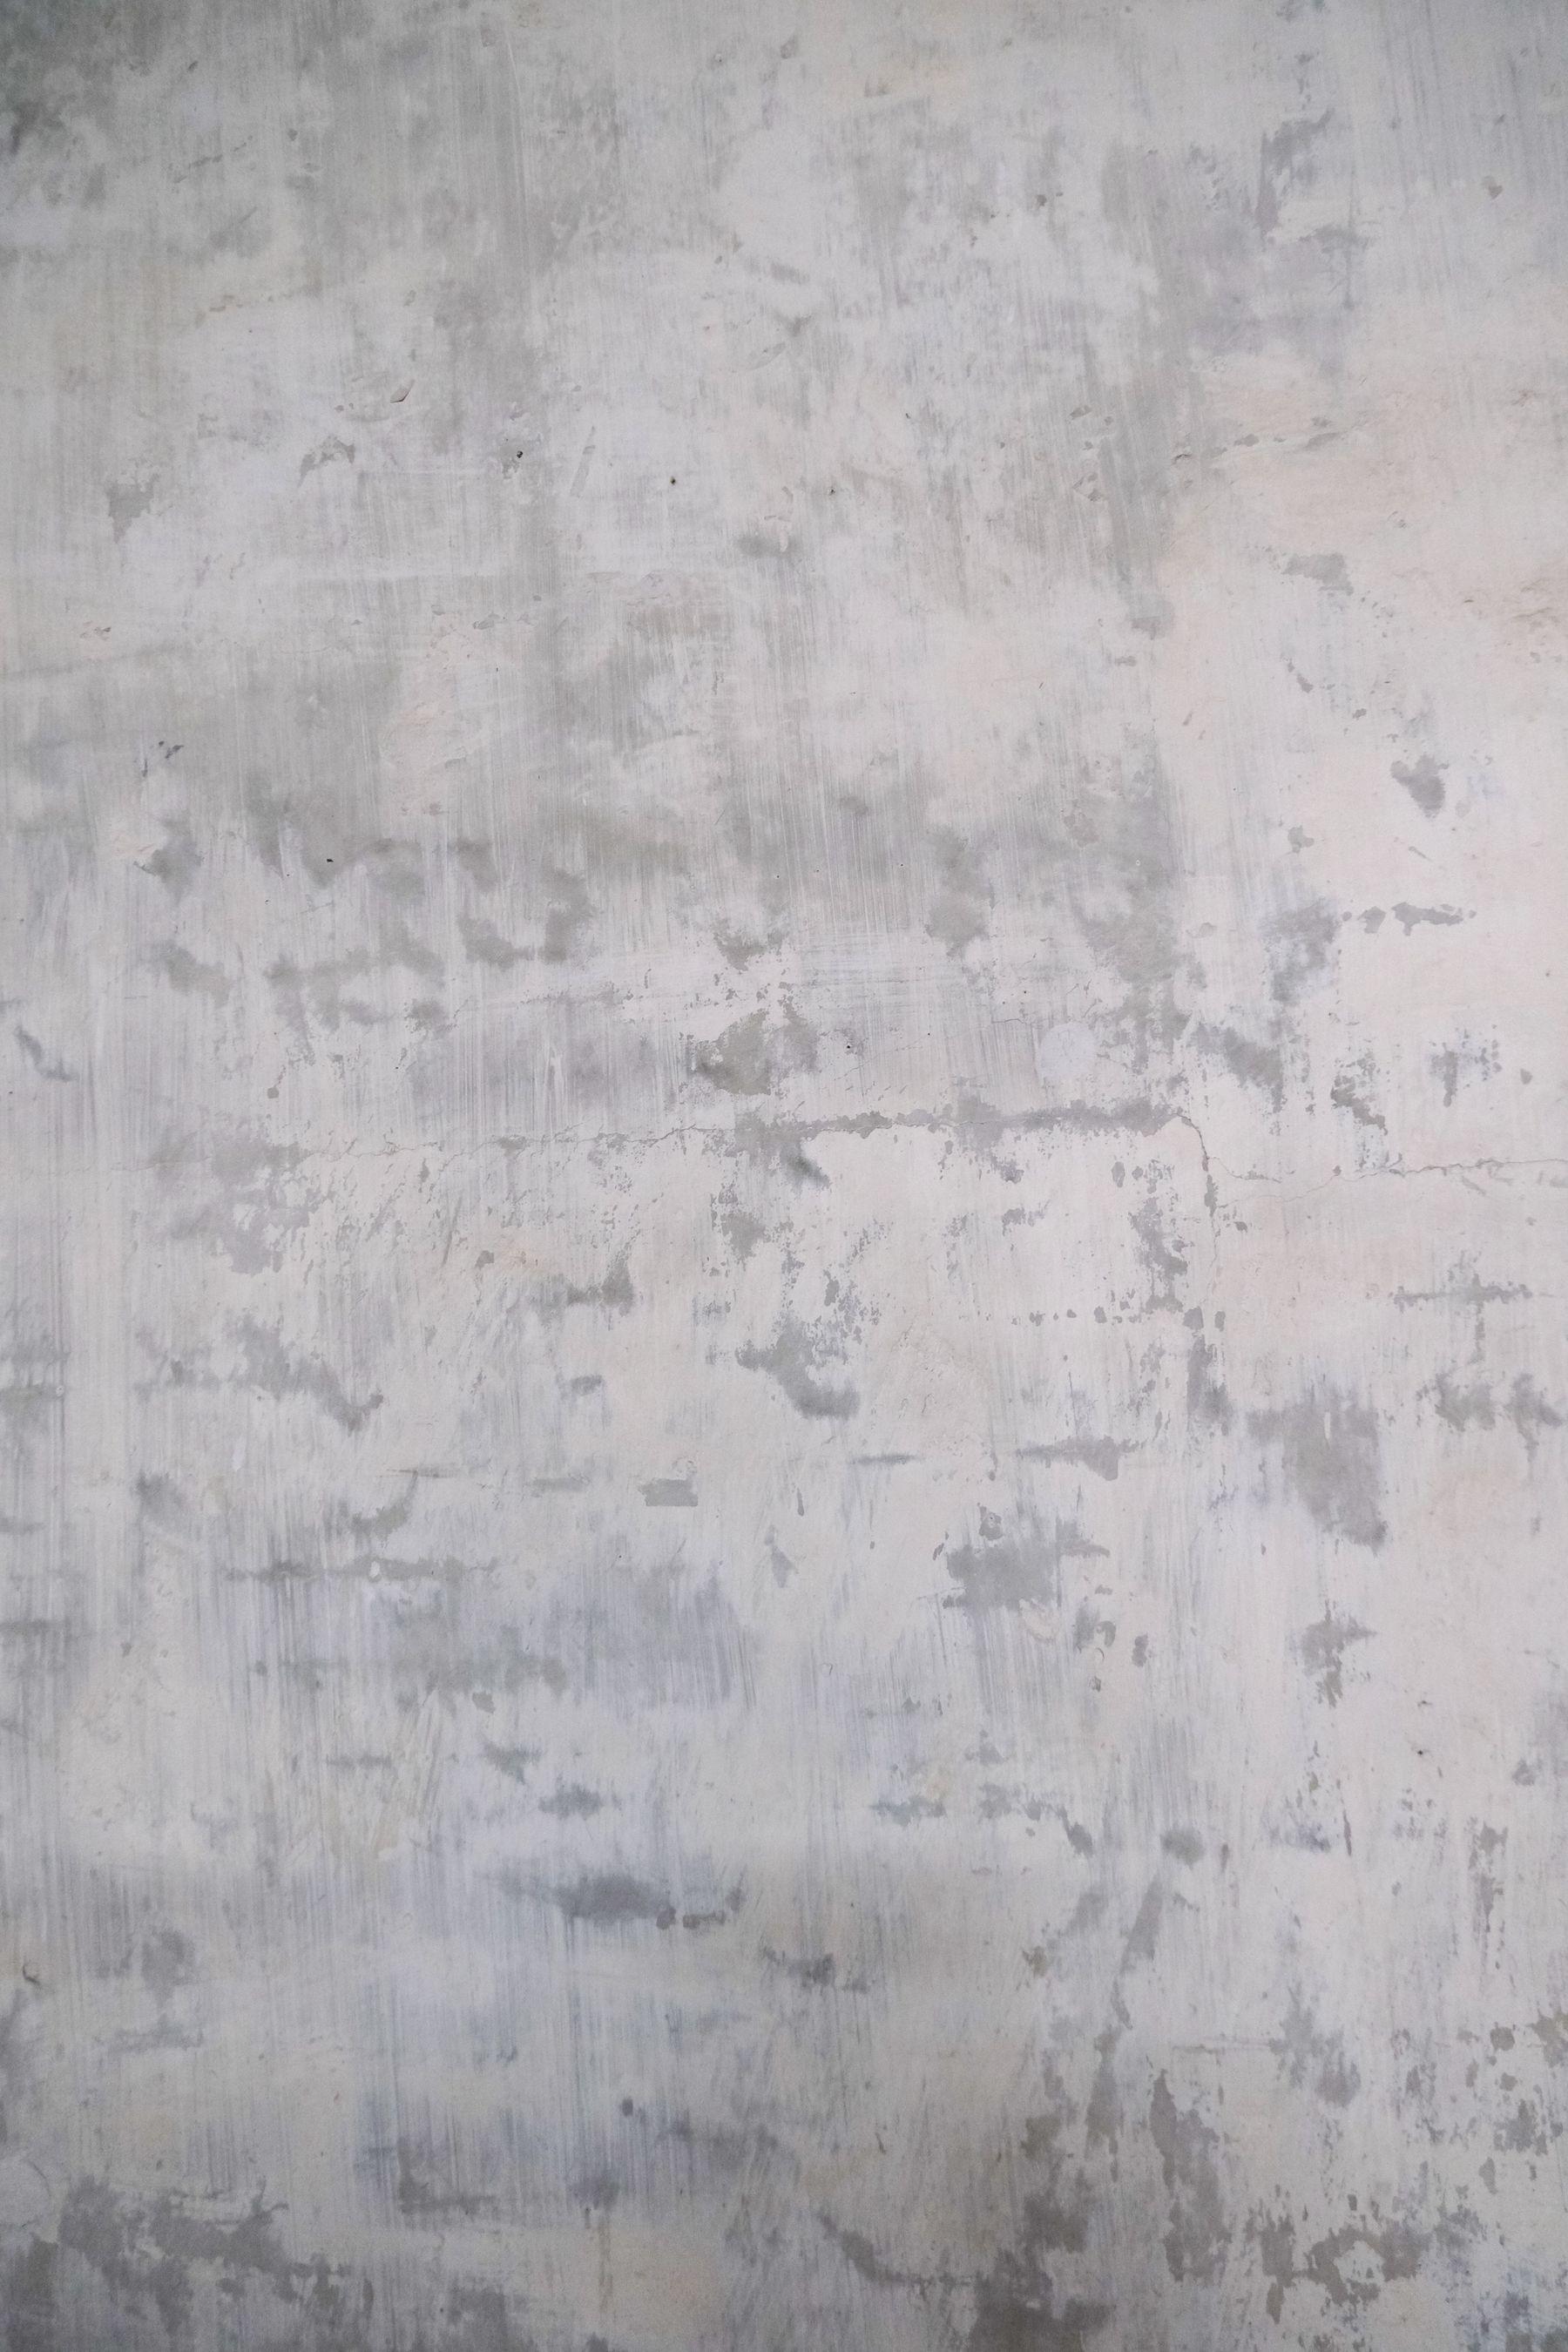 白水泥纹理材质背景照片免费下载(超大分辨率,无限商用!)